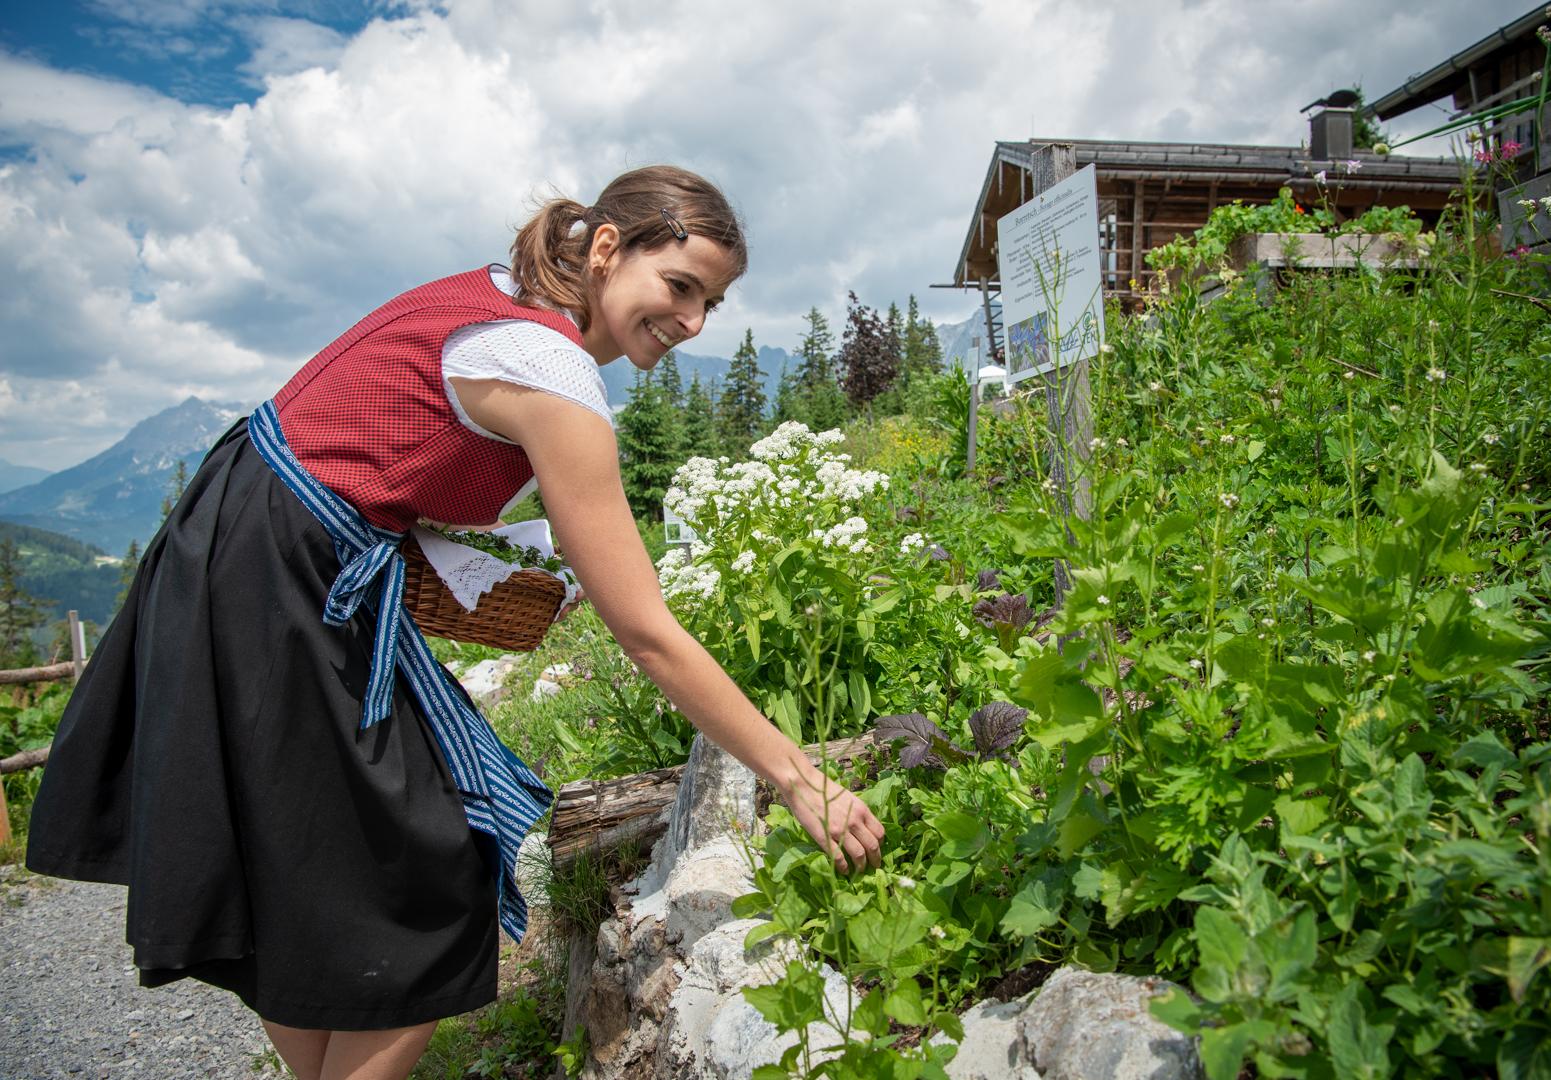 Frische Zutaten für die Kräuterprodukte. c Edith Danzer